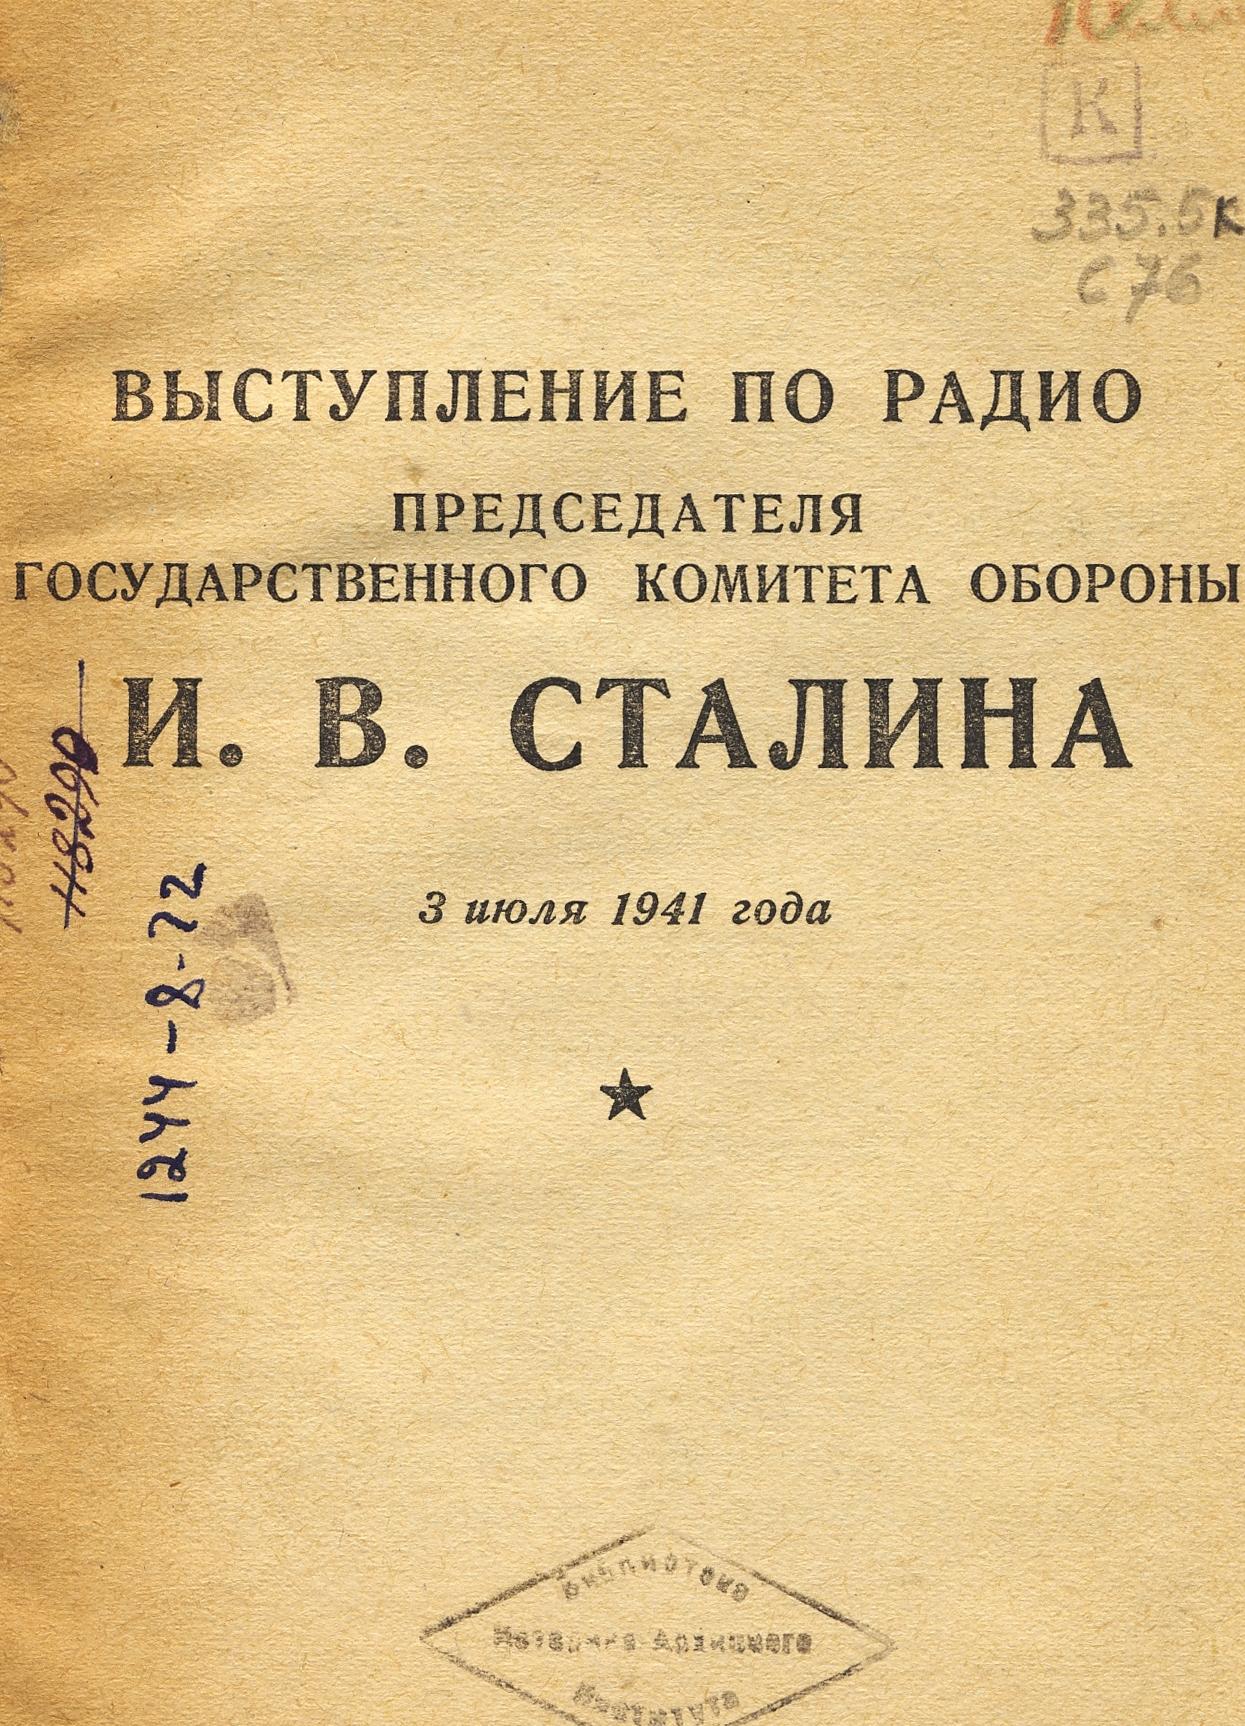 Первое обращение к советскому народу после начала войны И. В. Сталина 3 июля 1941 года. В обращении подчёркивается, что речь идёт «о жизни и смерти Советского государства, о жизни и смерти народов СССР, о том — быть народам Советского Союза свободными или впасть в порабощение»